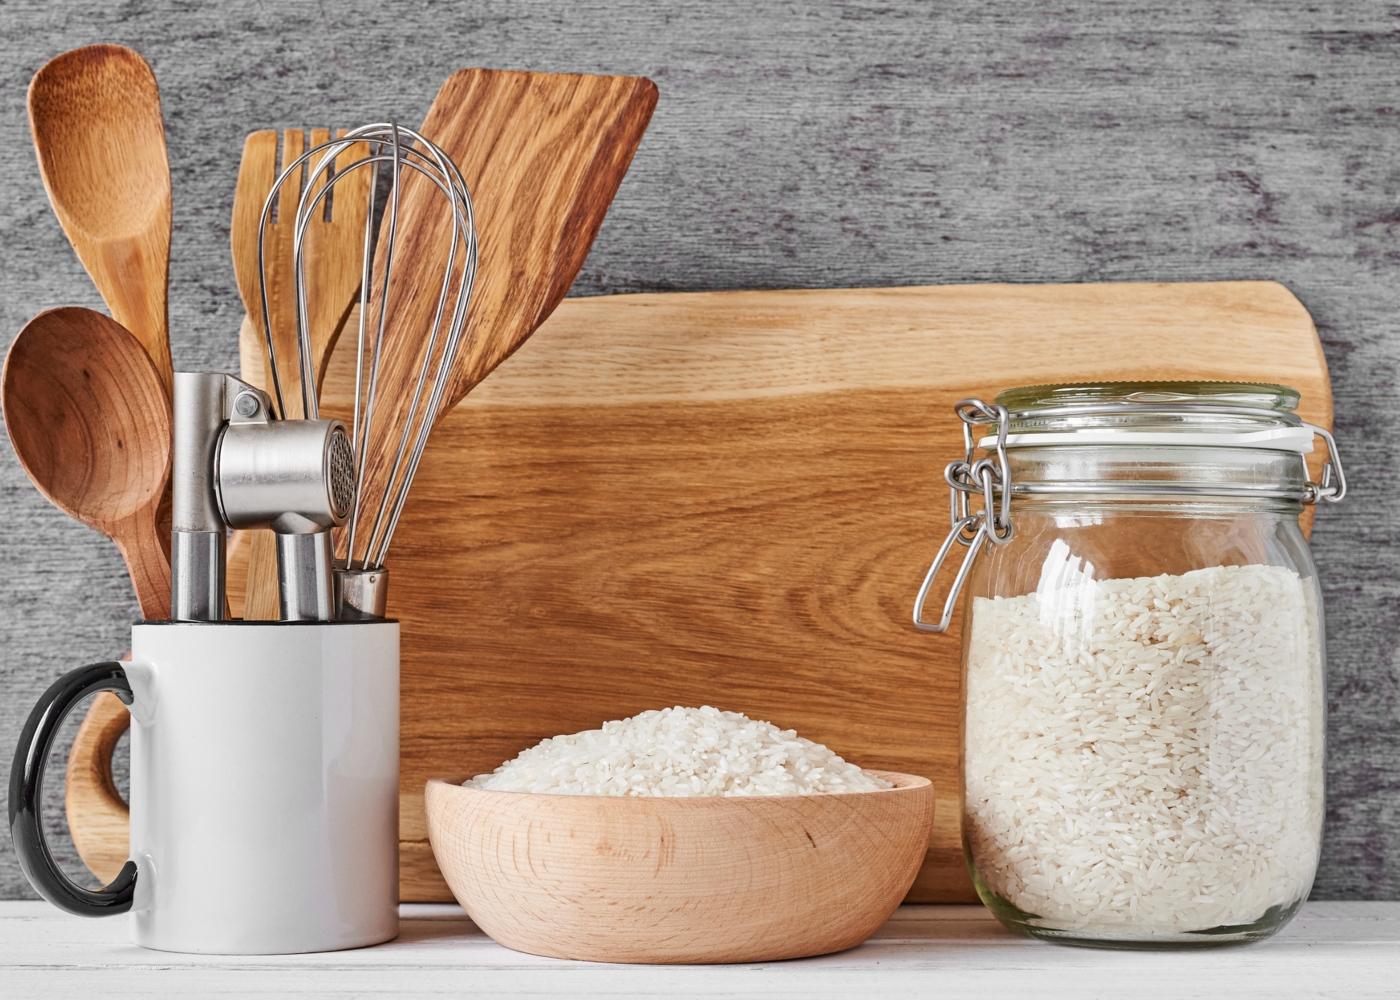 alimentos naturalmente sem glúten que substituem a farinha de trigo: arroz